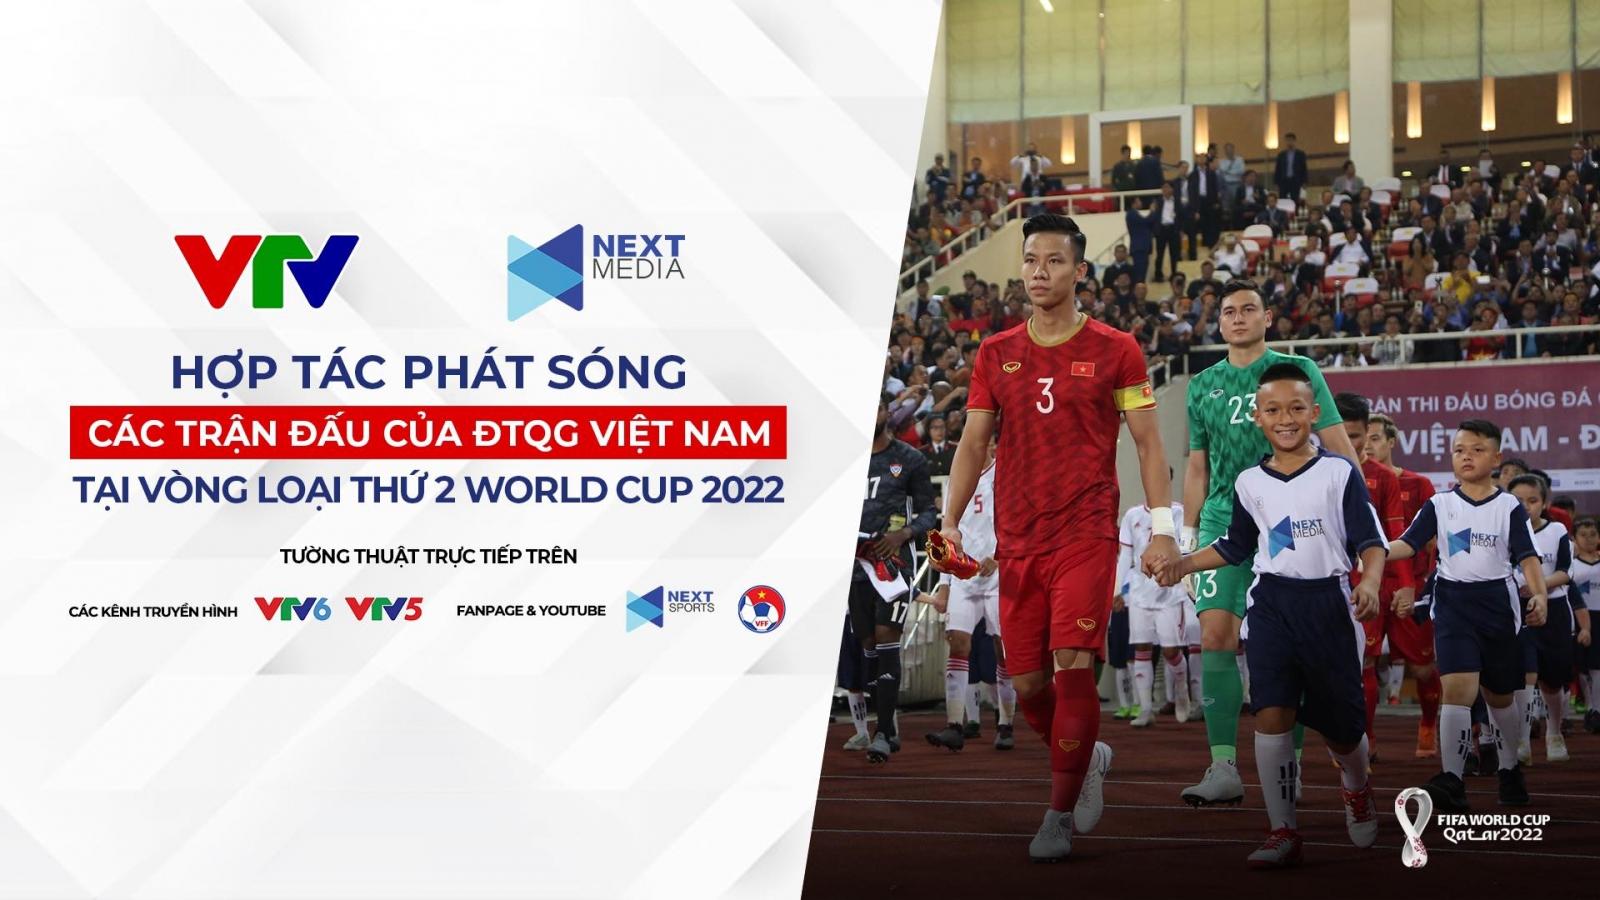 Xem trực tiếp ĐT Việt Nam thi đấu vòng loại thứ 2 World Cup 2022 ở đâu?